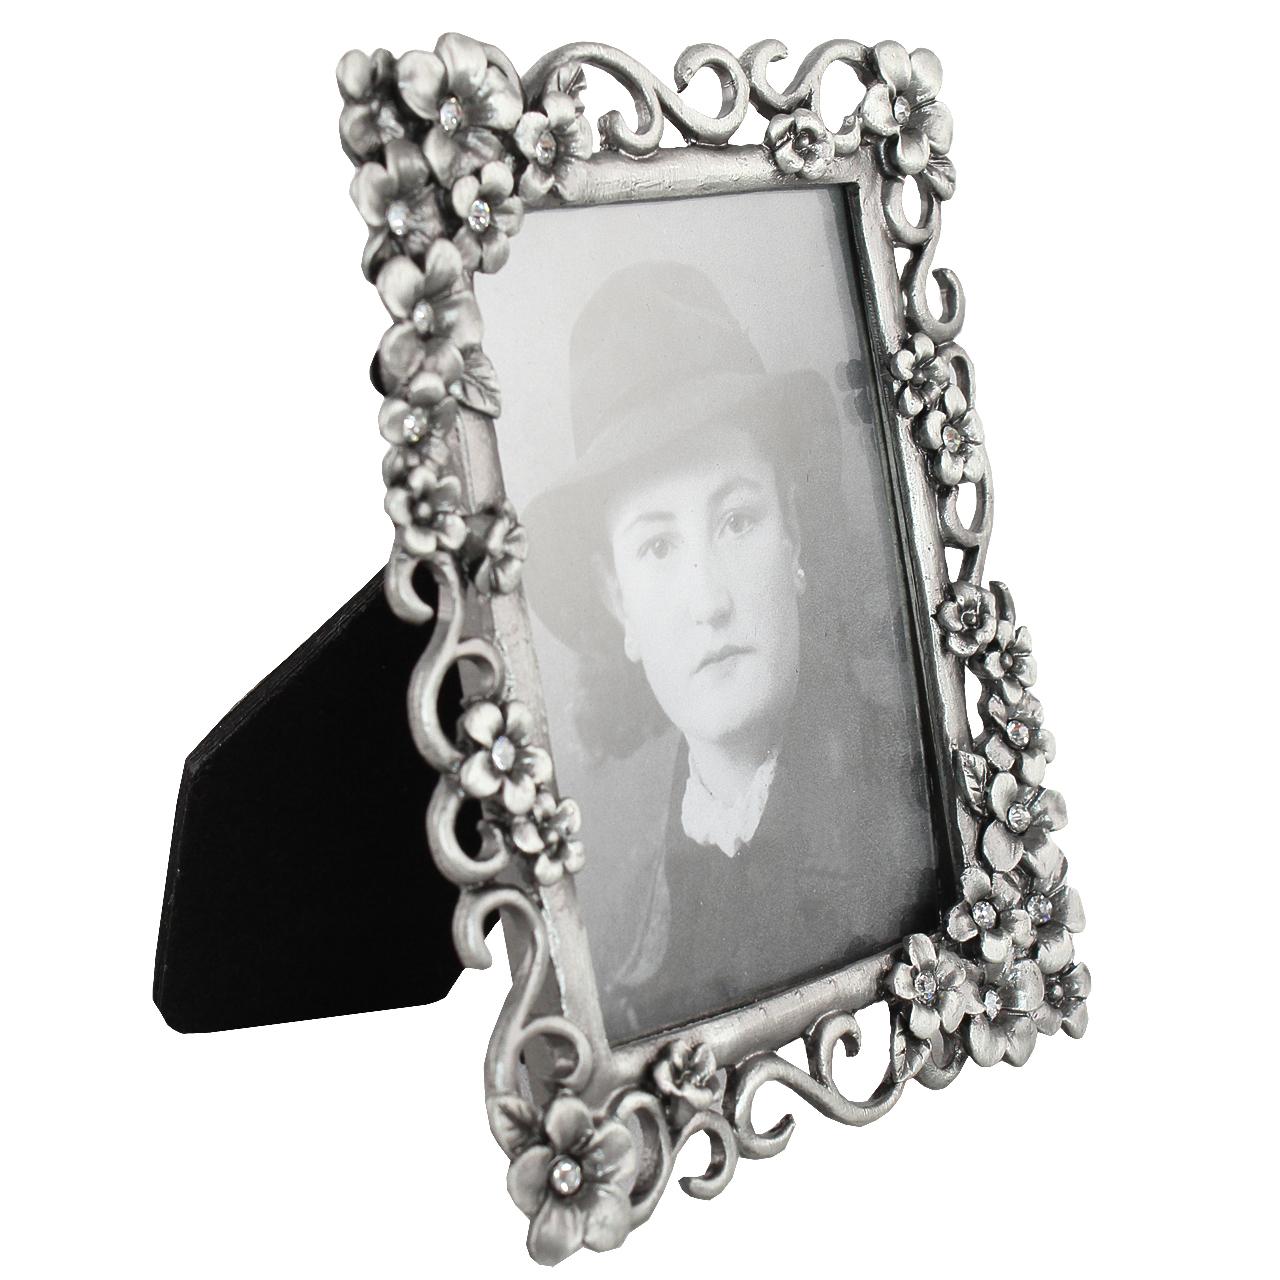 Rama Foto Dreptunghiulara Din Metal Argintiu Cu Pietre 12x9.5 Cm